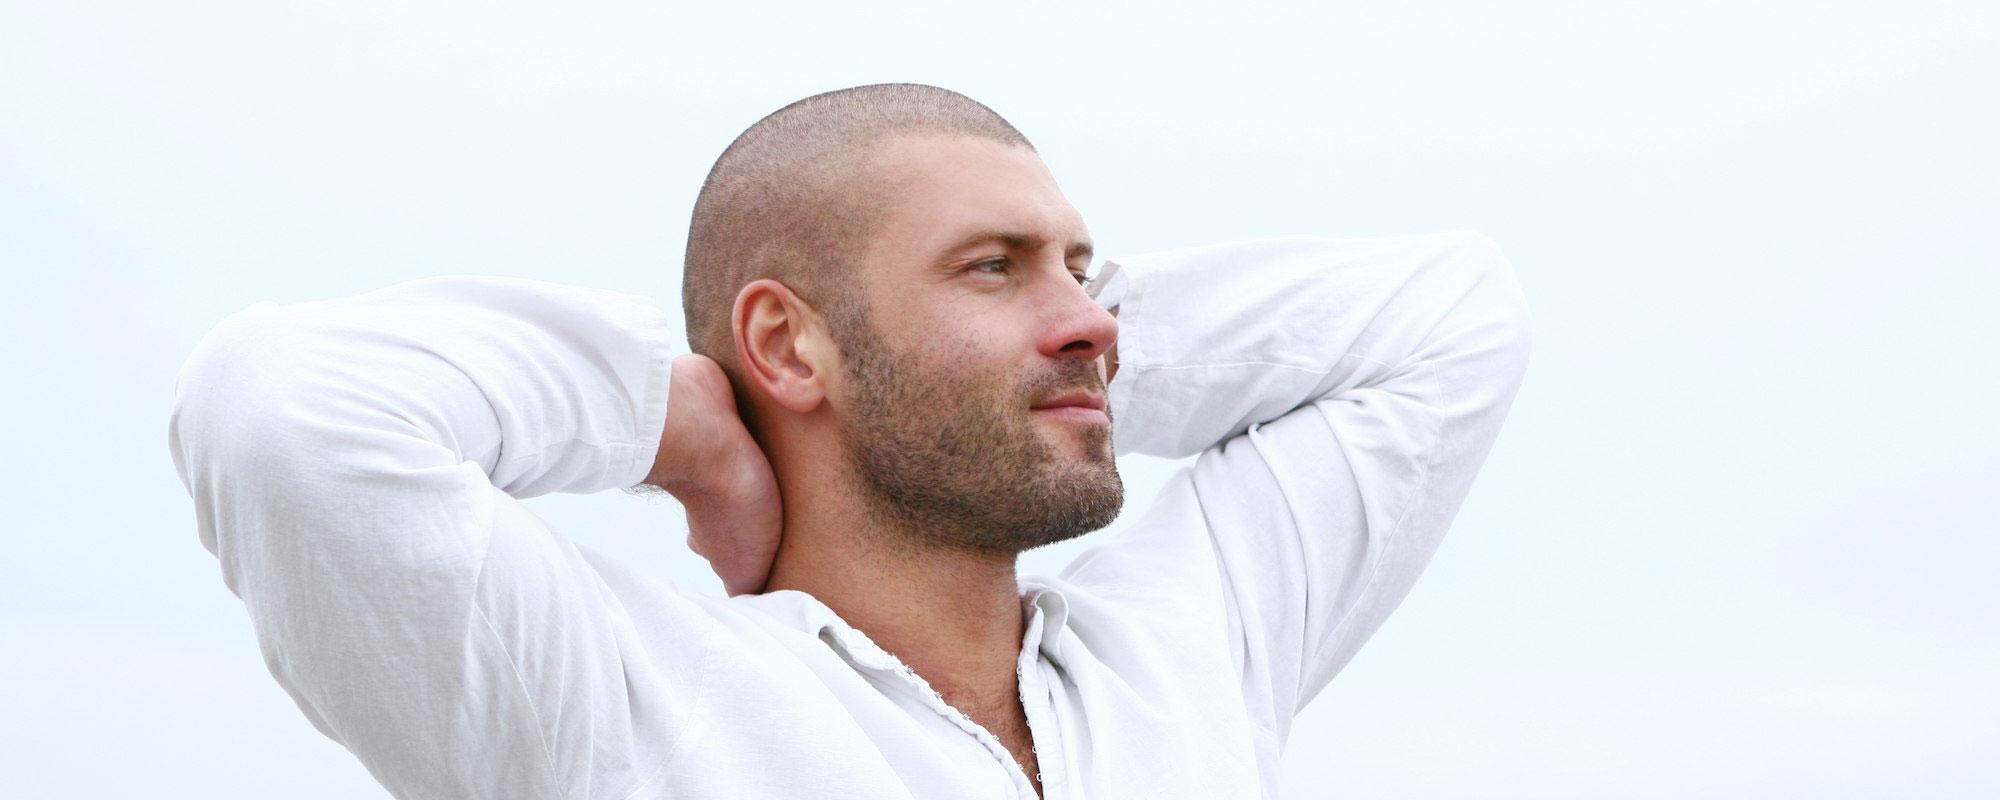 Faq e domande frequenti tricopigmentazione micropigmentazione capelli tatuaggio vicenza padova milano brescia treviso venezia verona belluno udine trento